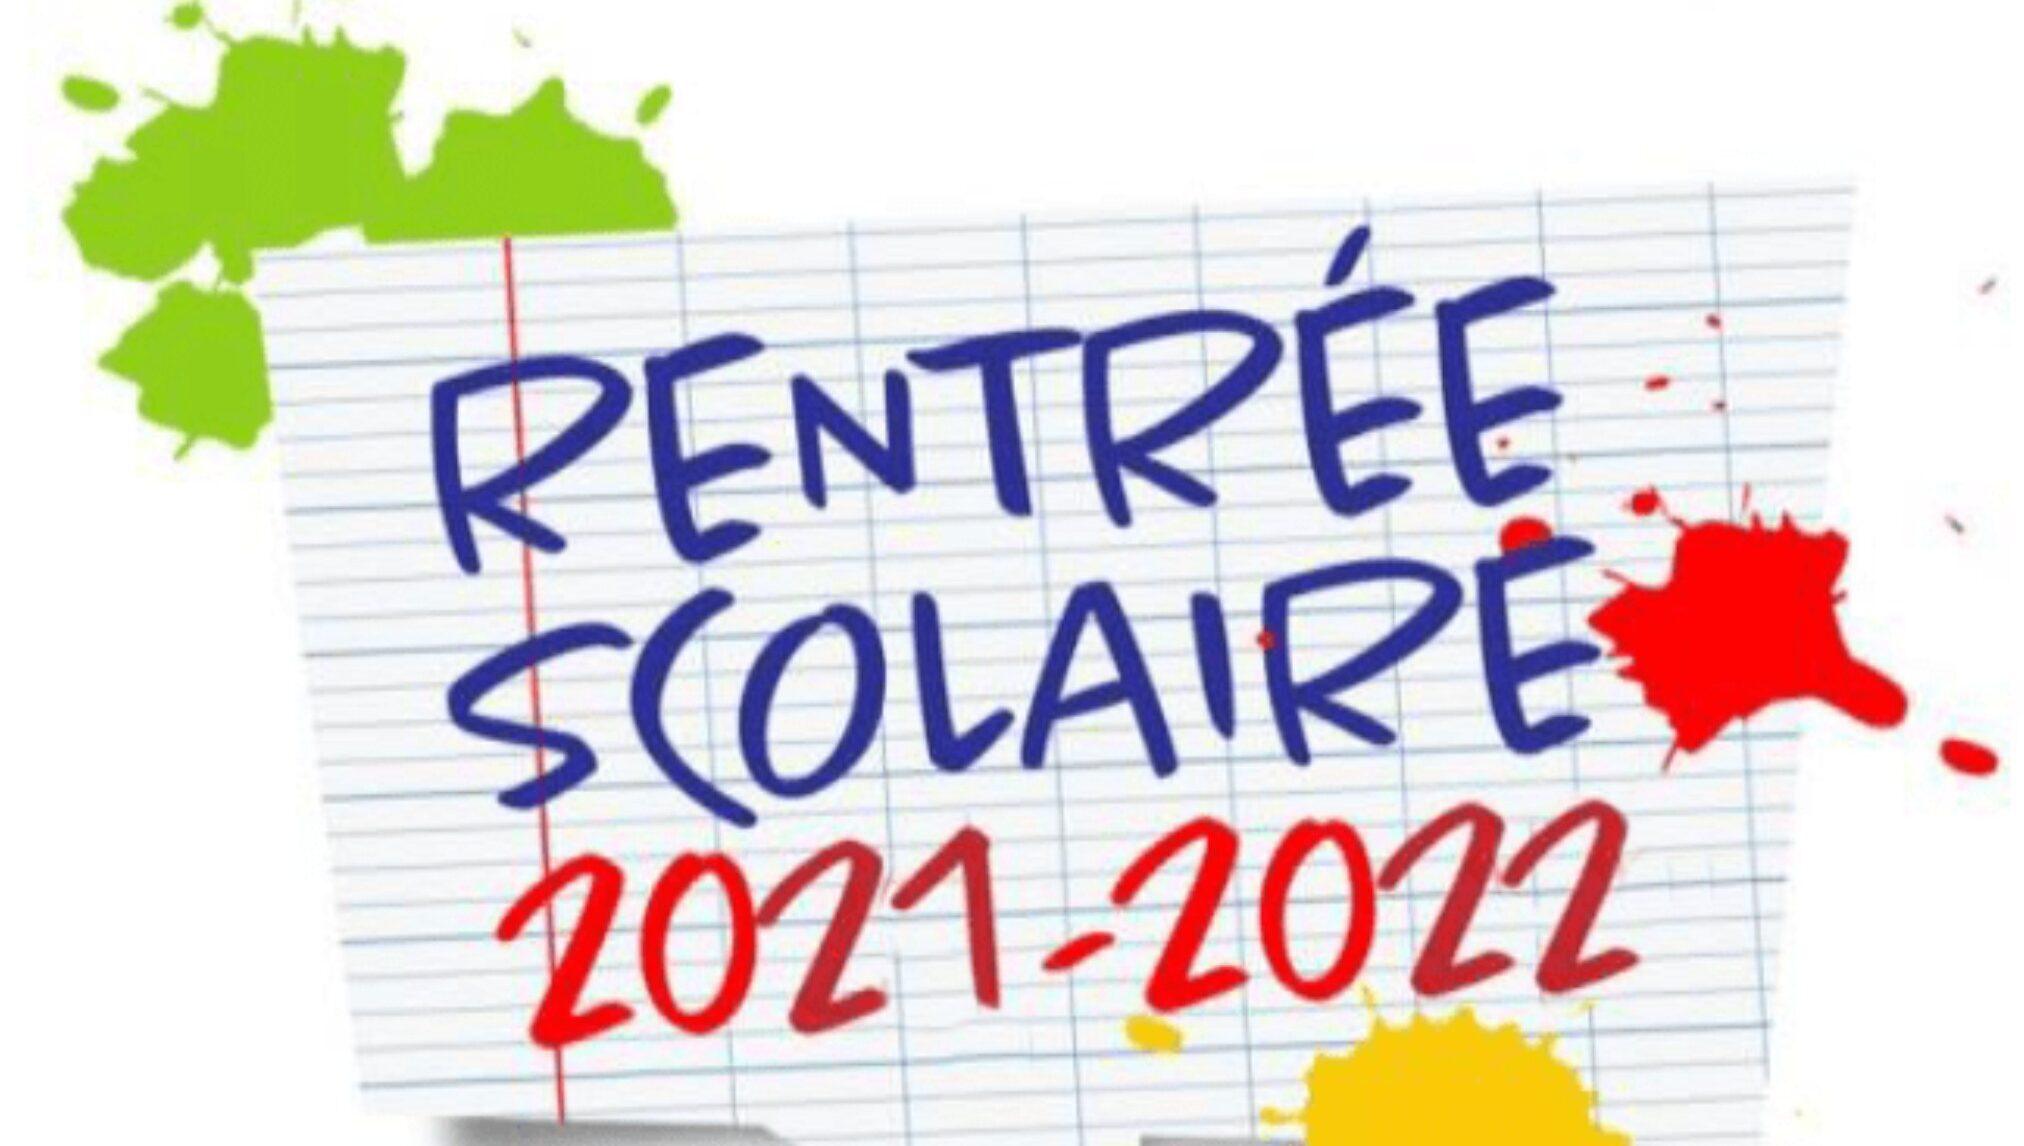 rentreescolaire2122.jpg